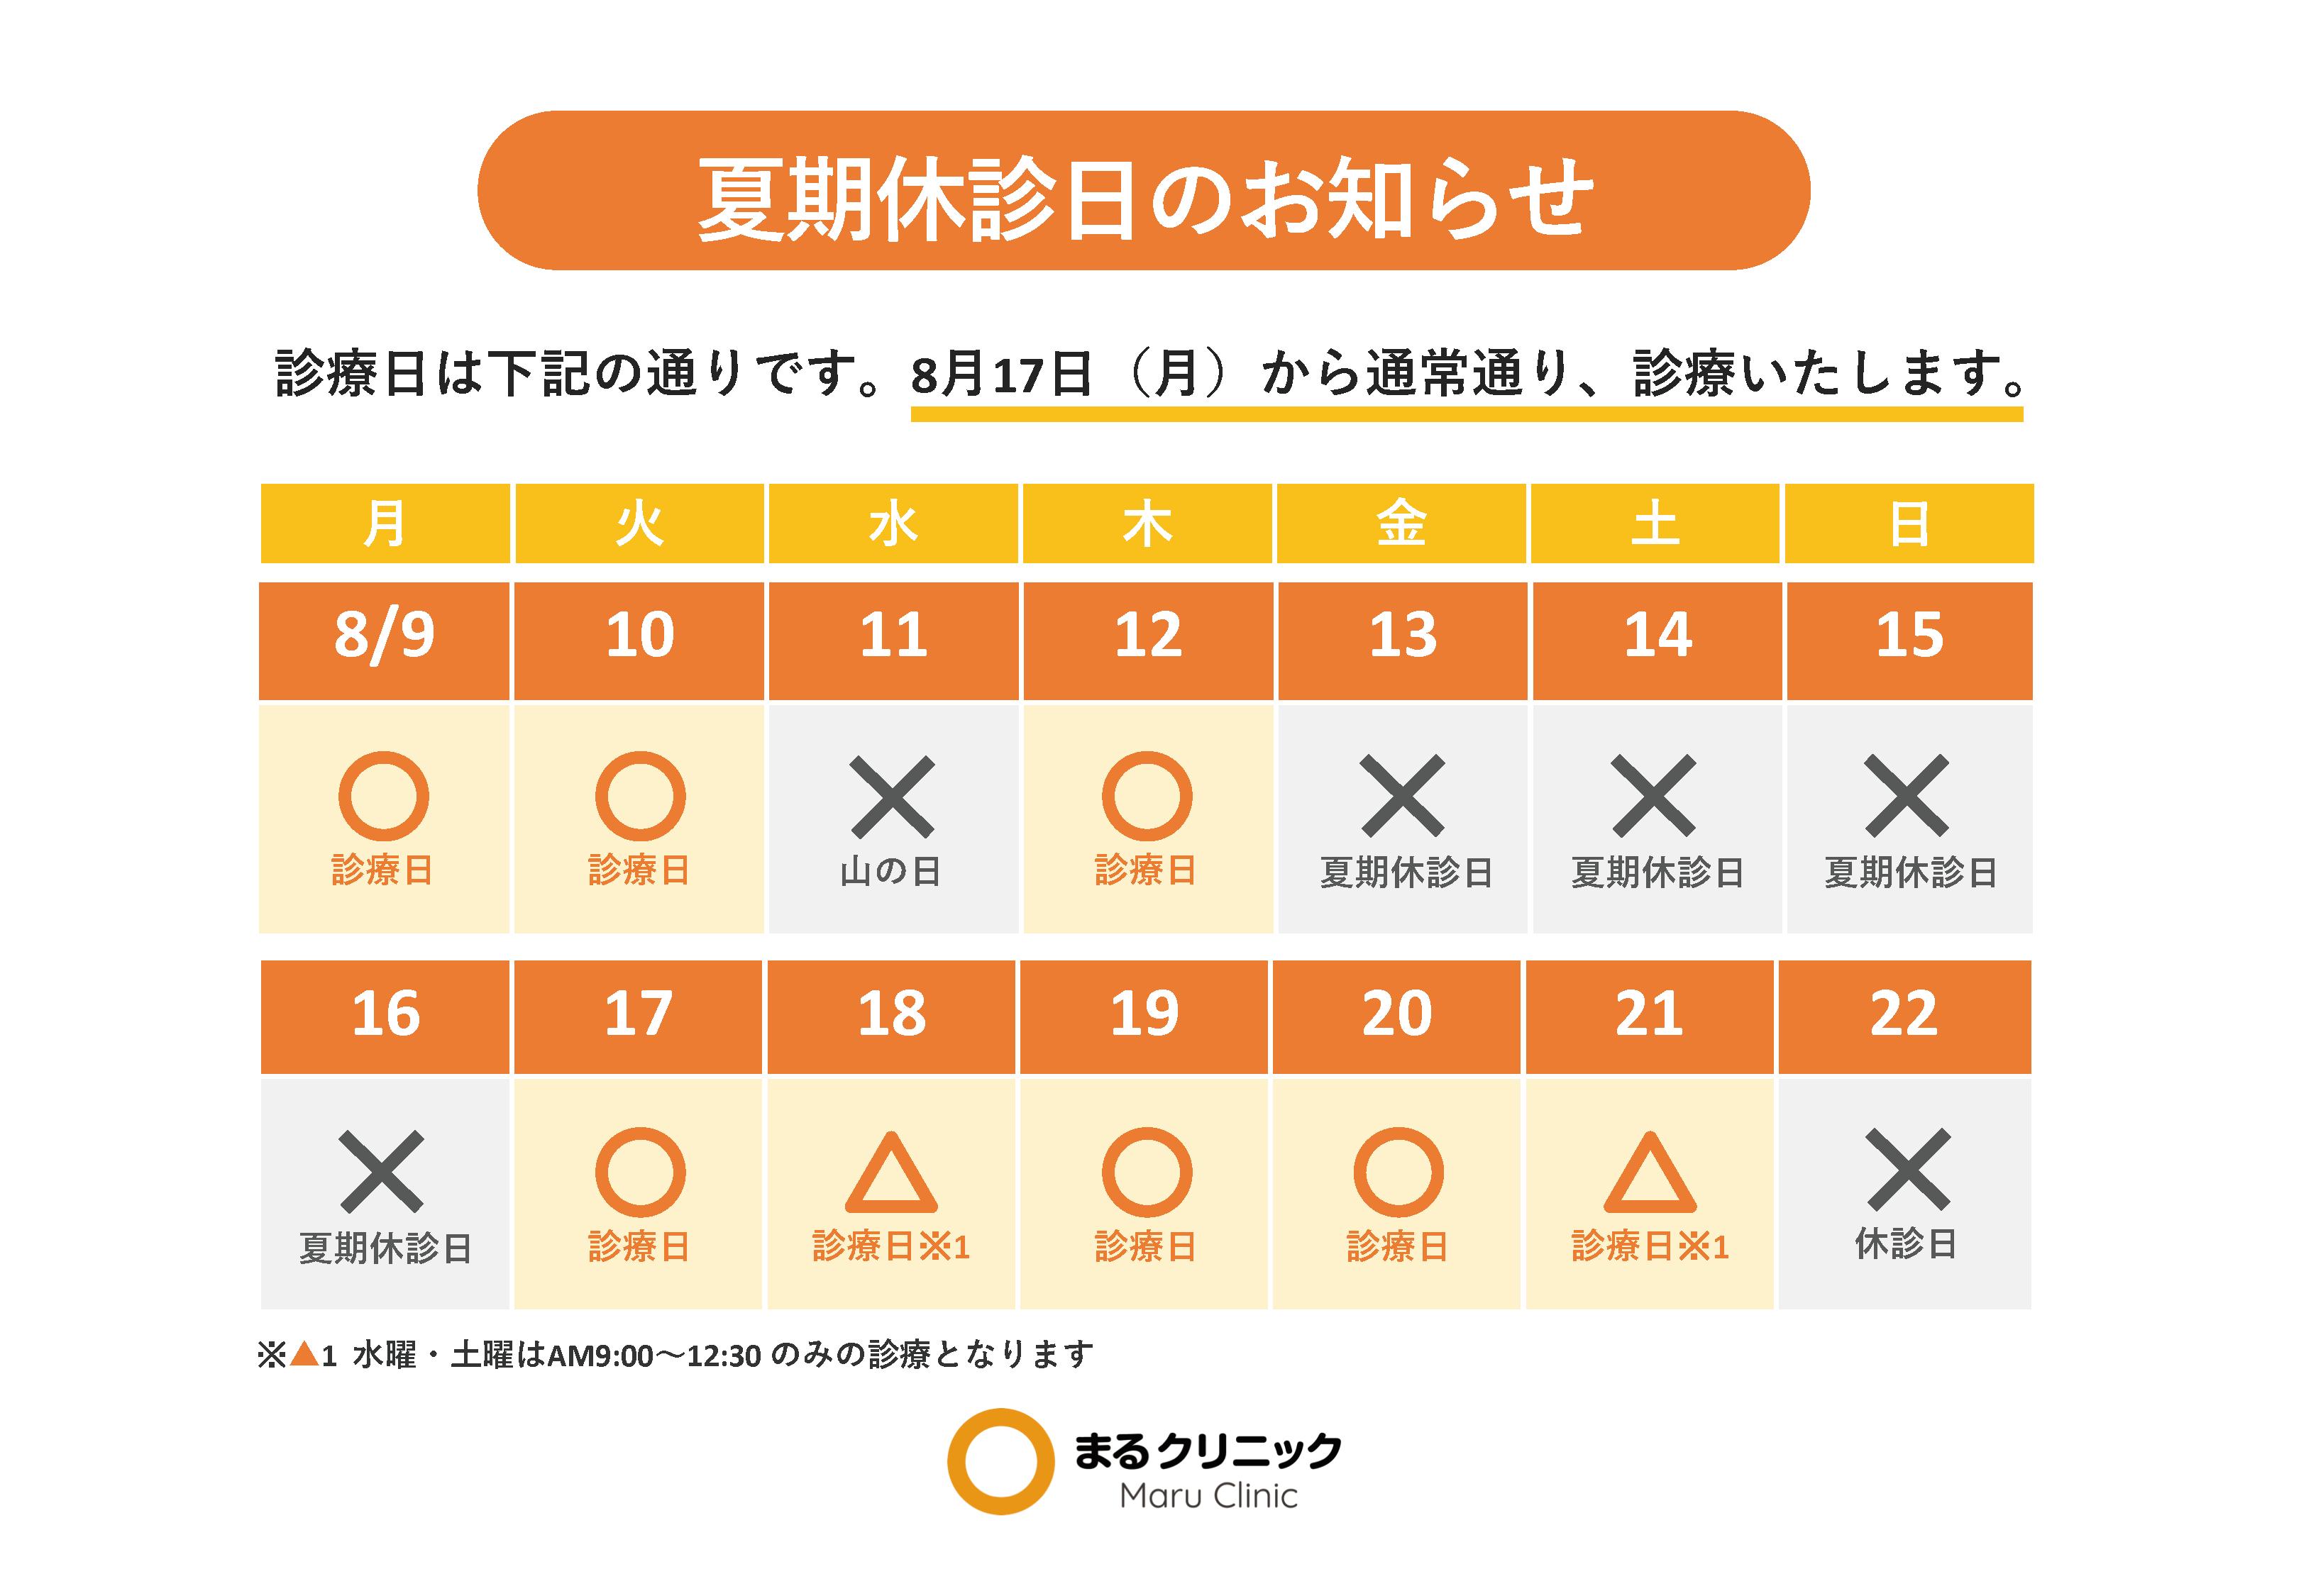 夏季休診日のお知らせ 【無料院内掲示物】